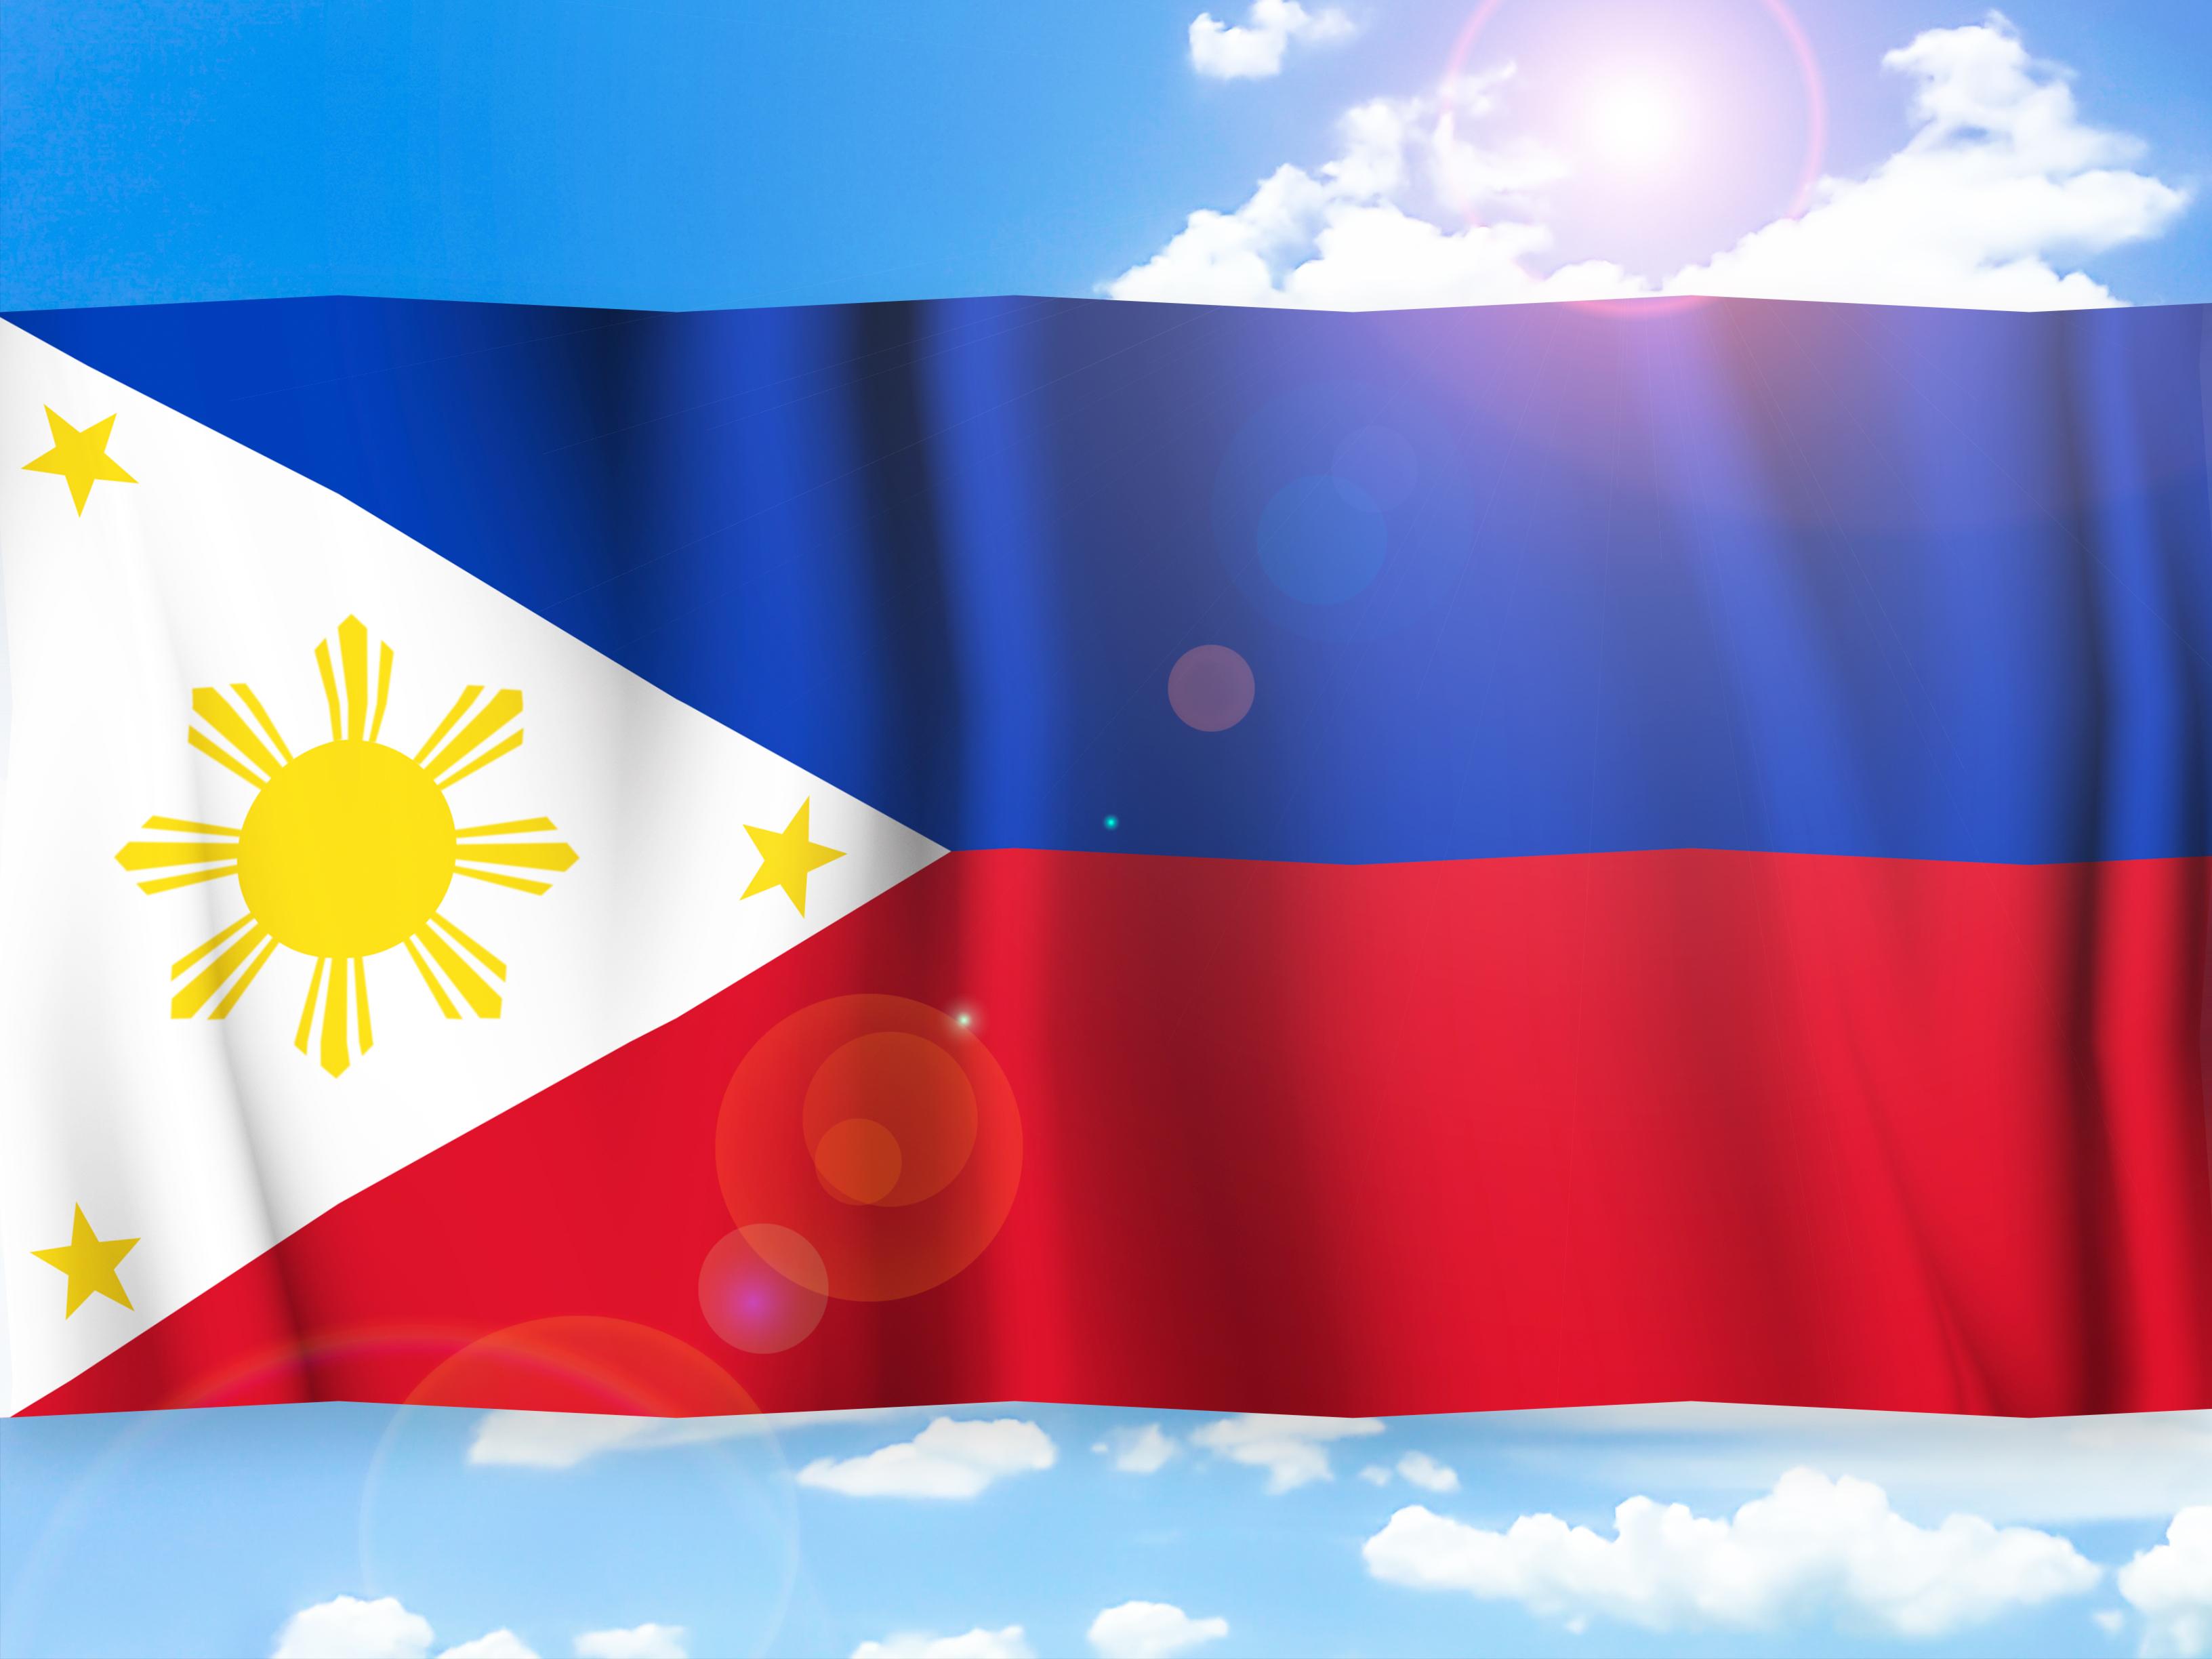 フィリピン短期留学:フィリピンの国旗